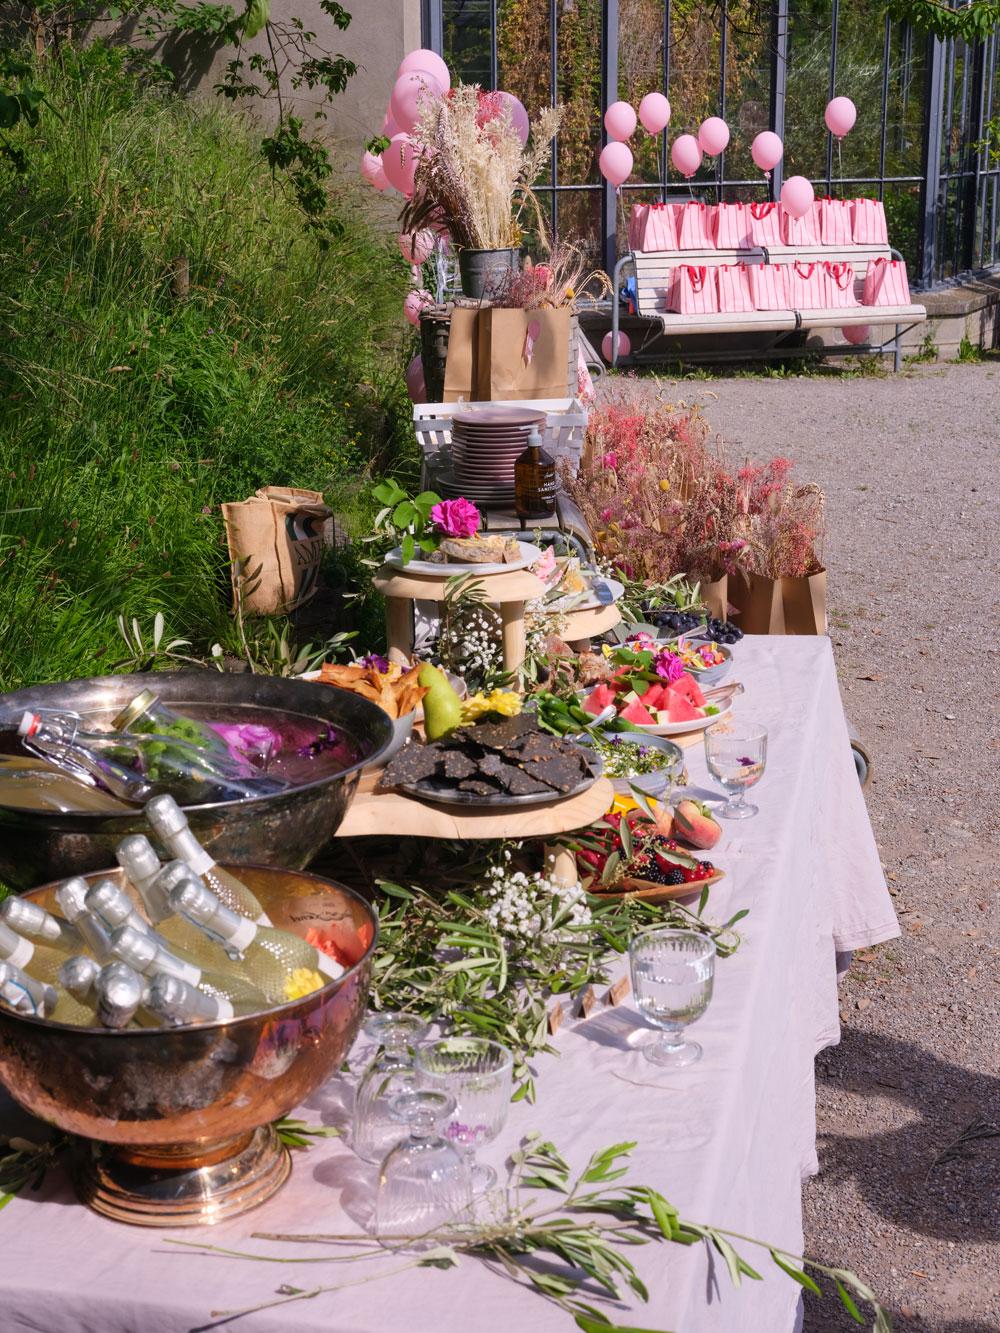 Vom Blumenkranzworkshop bis hin zum romantischen Picknick: Bei der Lancierung von Nina Ricchi Rose im Botanischen Garten stimmte einfach alles!